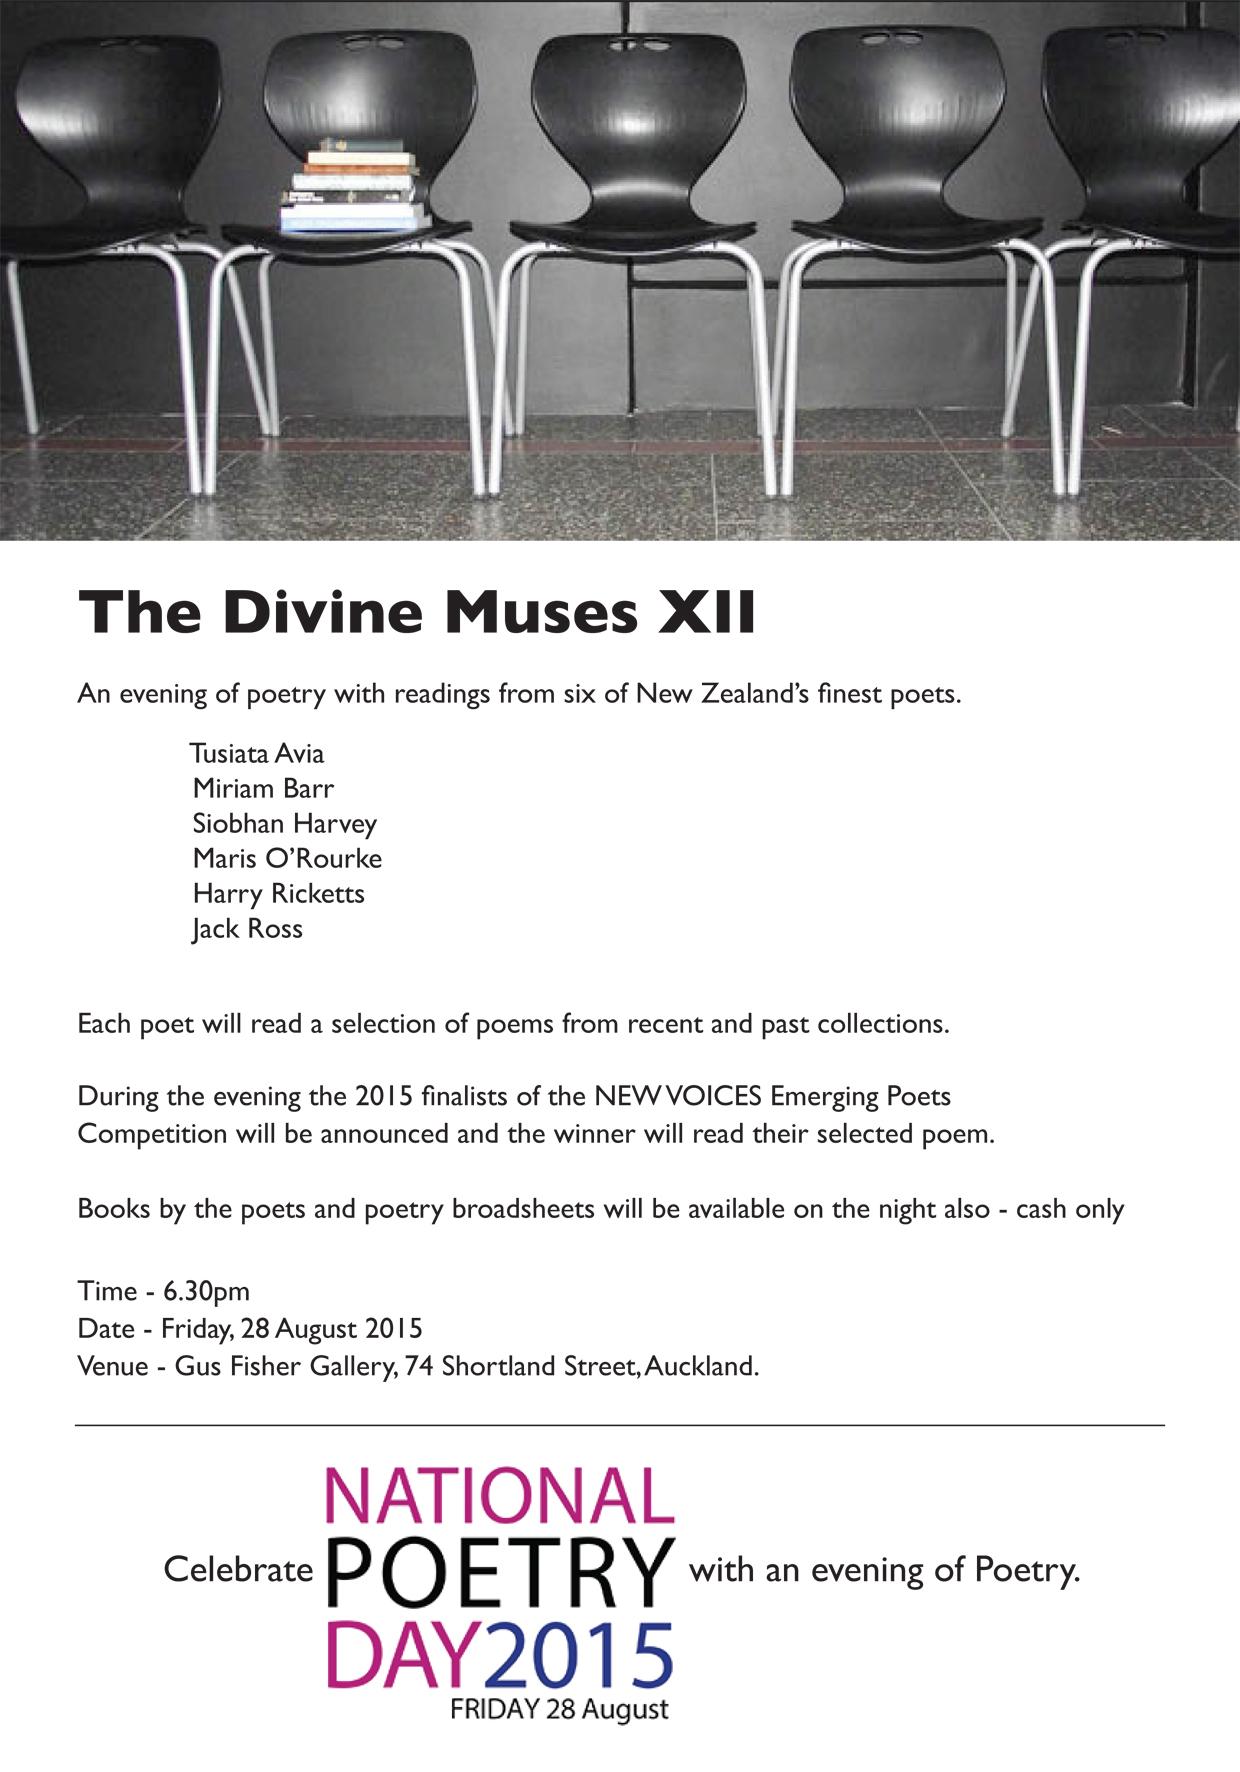 DivineMuses_PoetryDay2015final.jpg